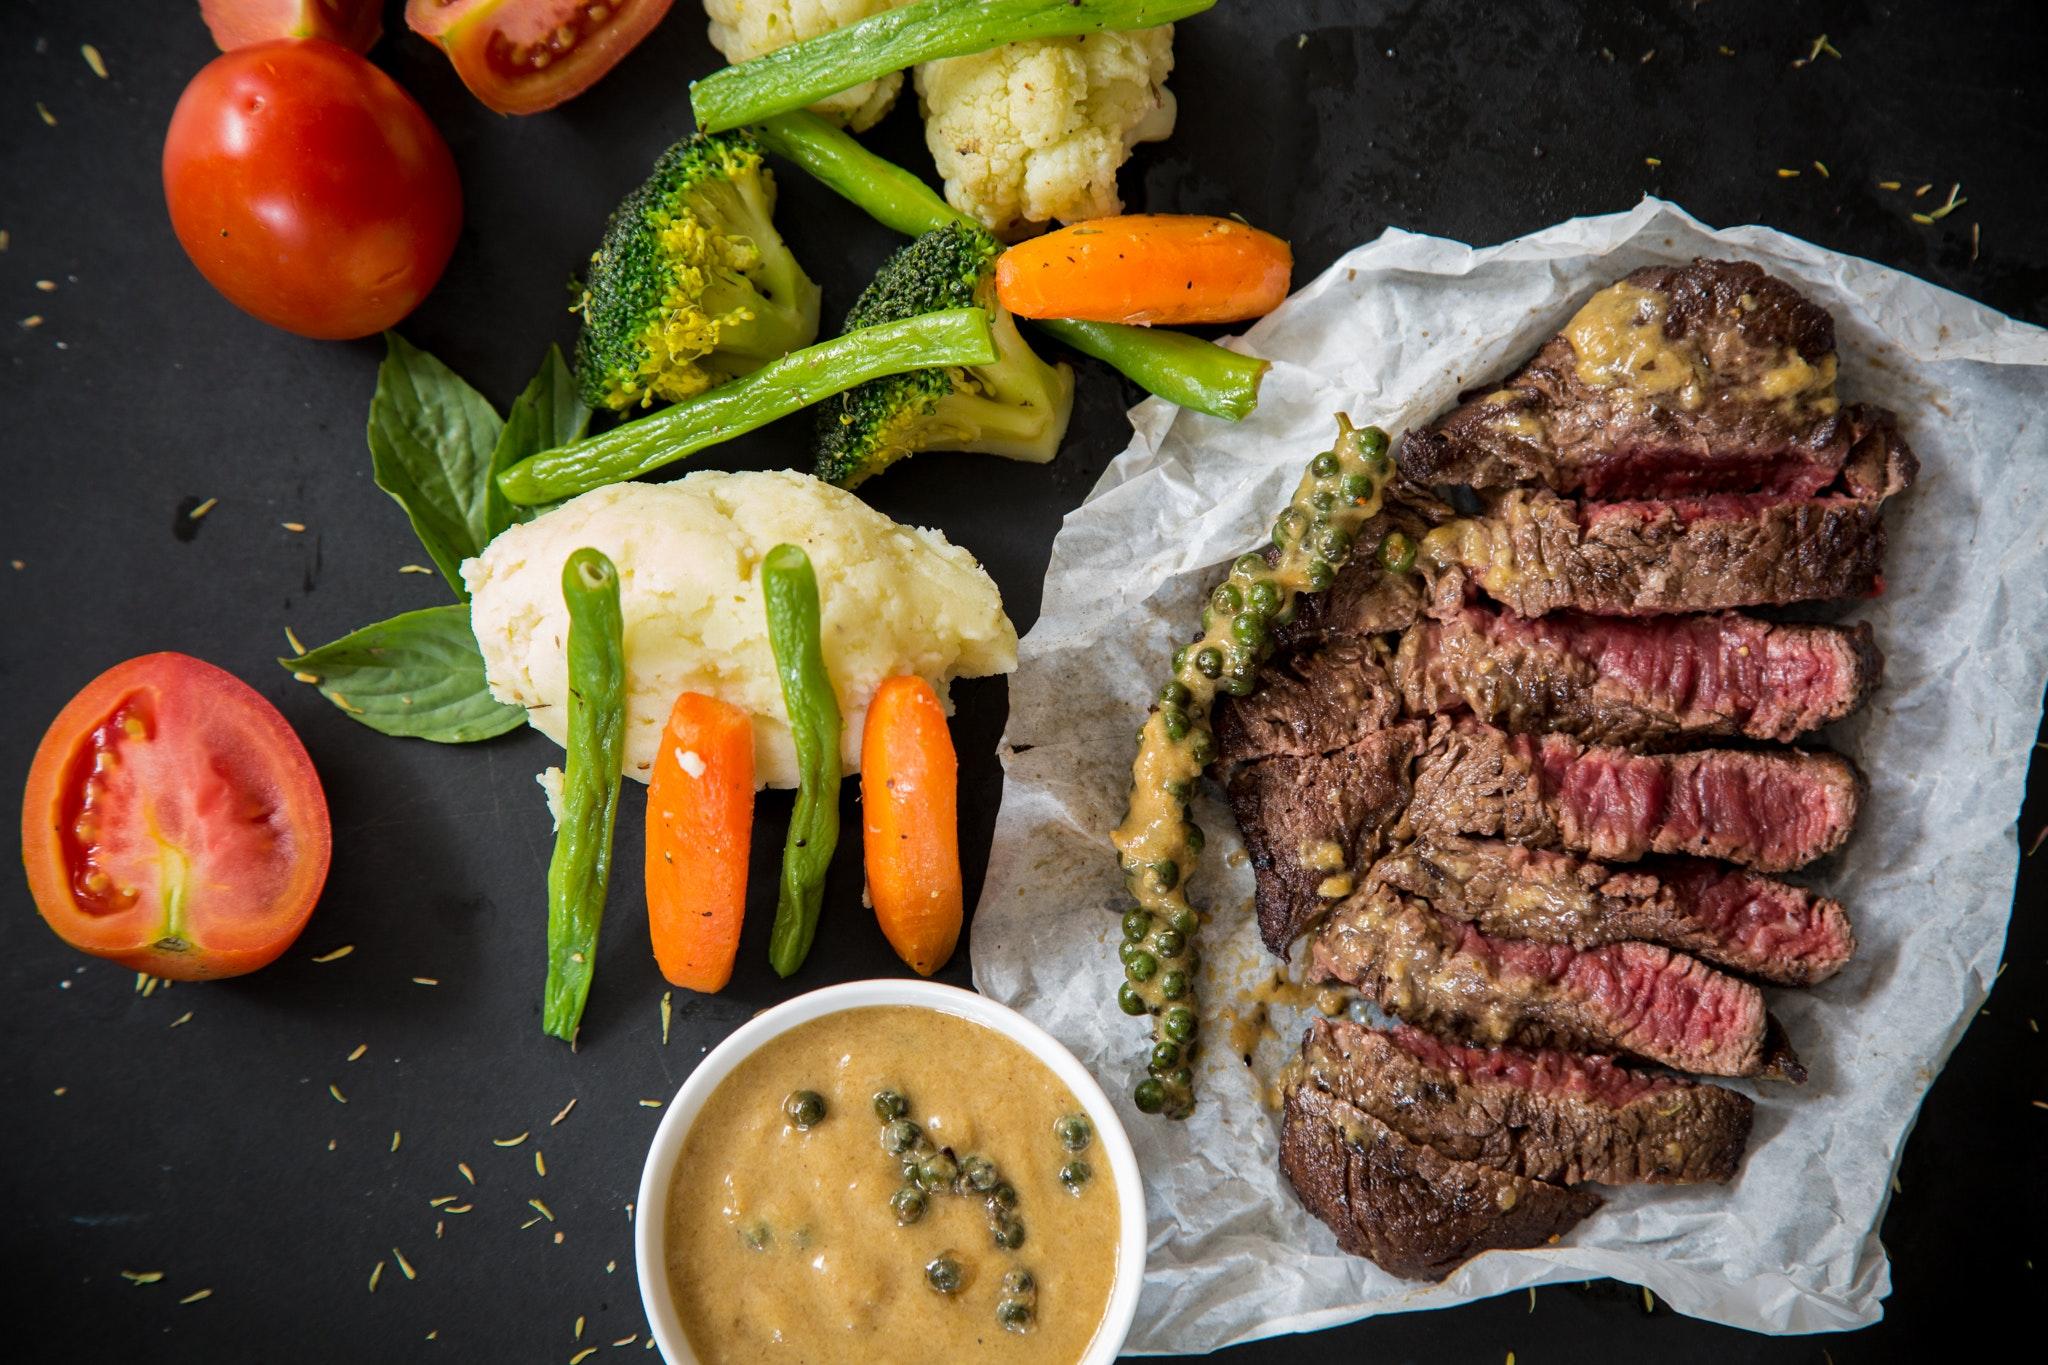 carrera-de-gastronomia-costos-justo-sierra